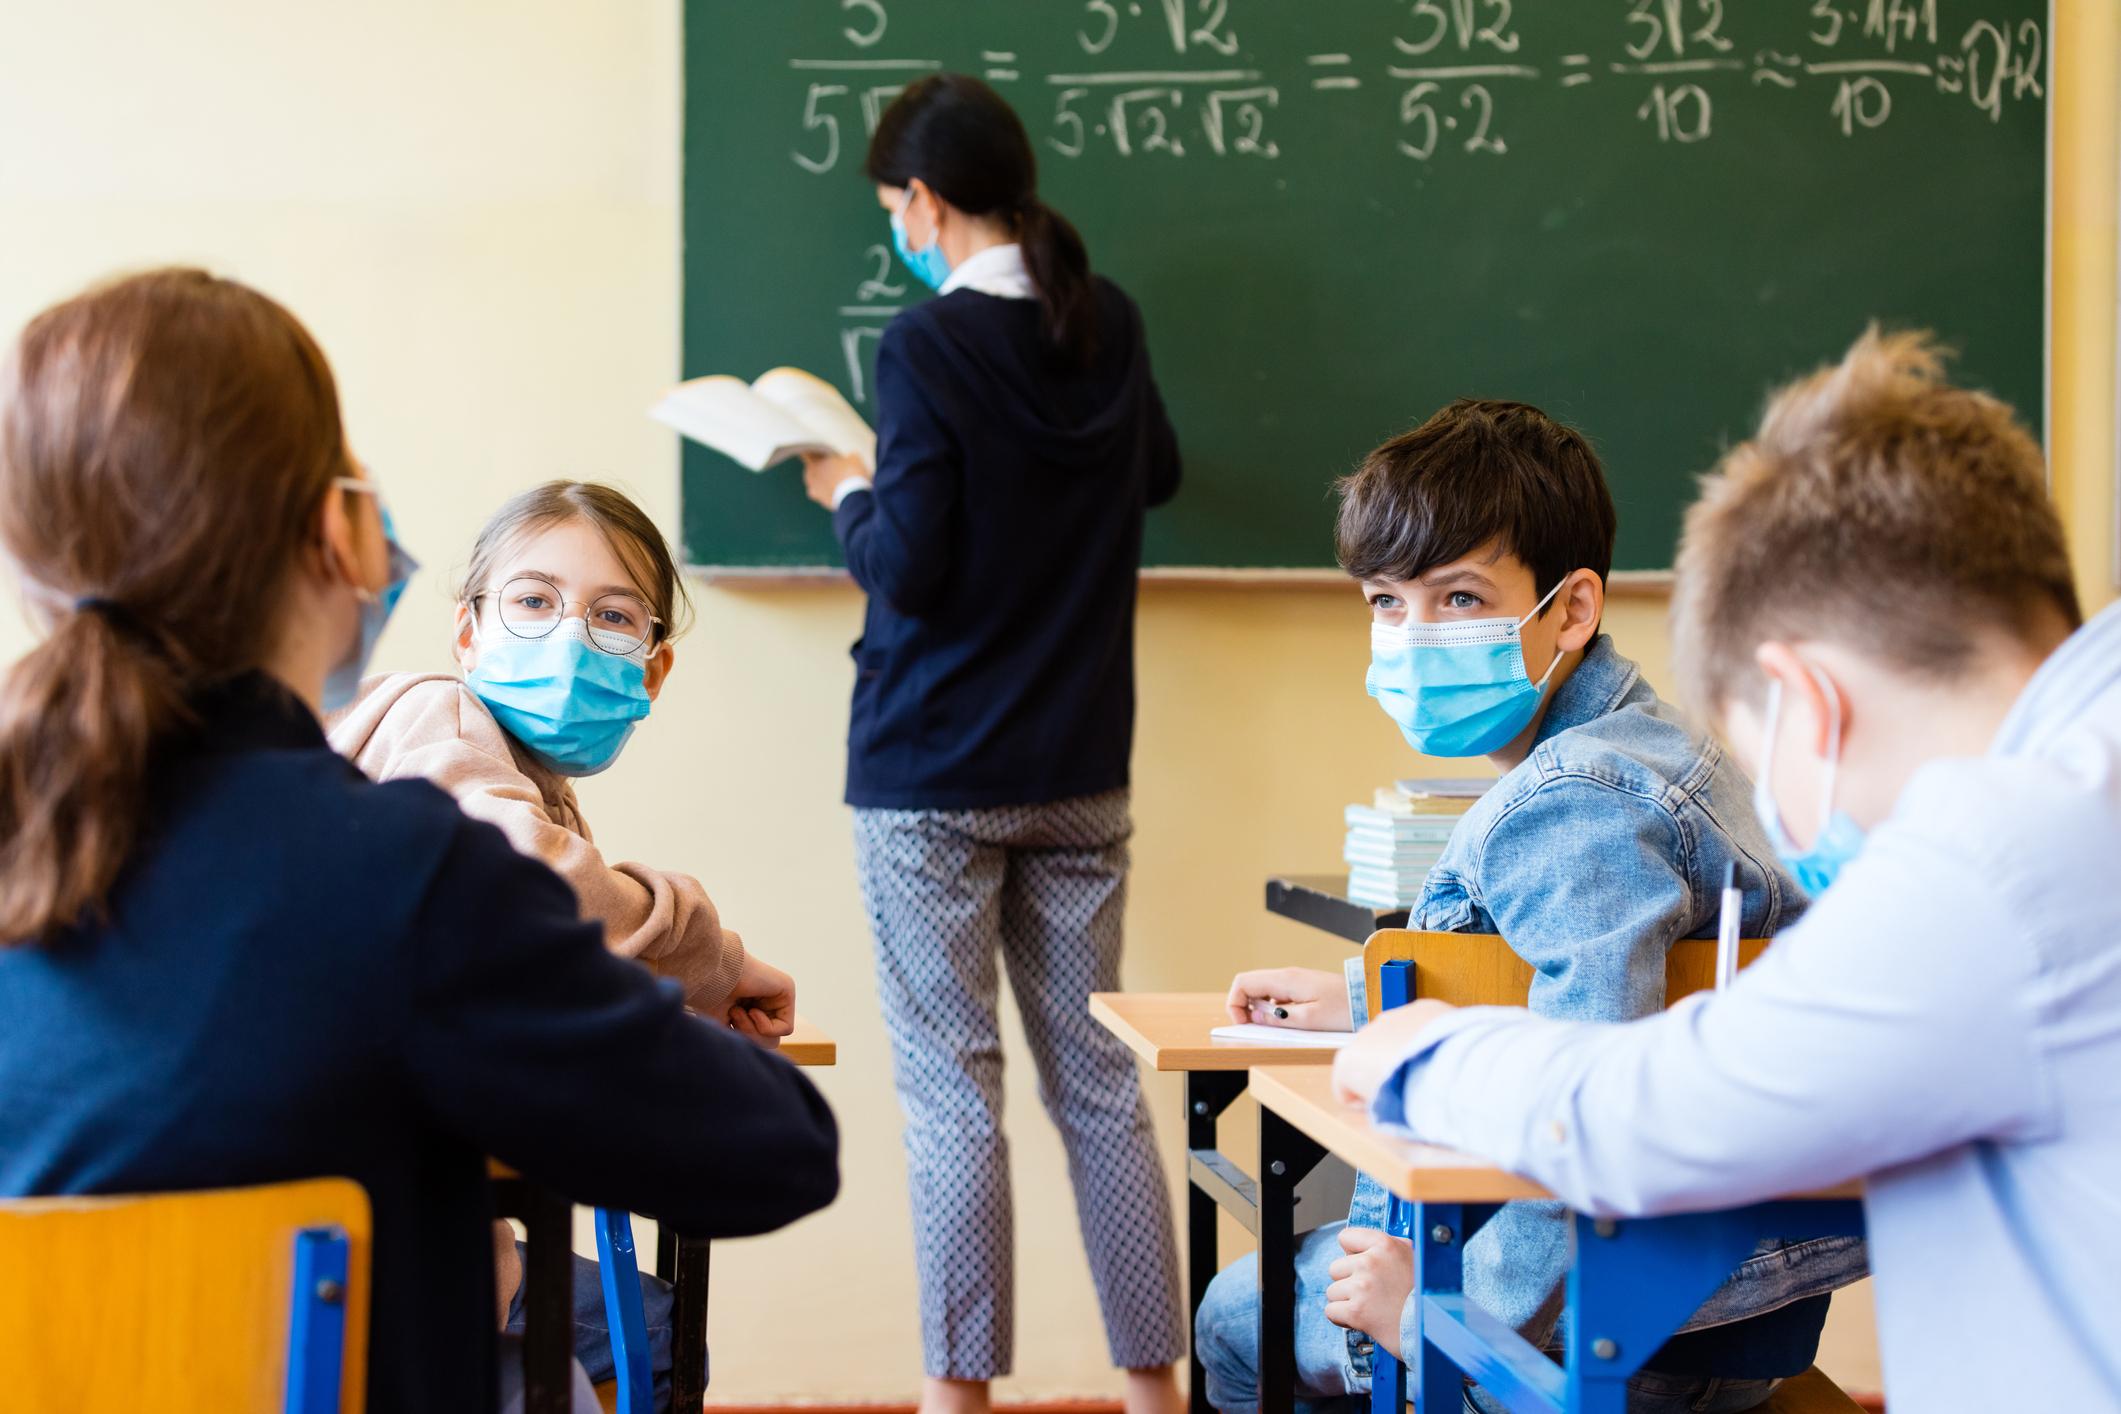 Уважаеми ученици от понеделник – 23.11.2020г. се подновява присъственото обучение в гимназията.